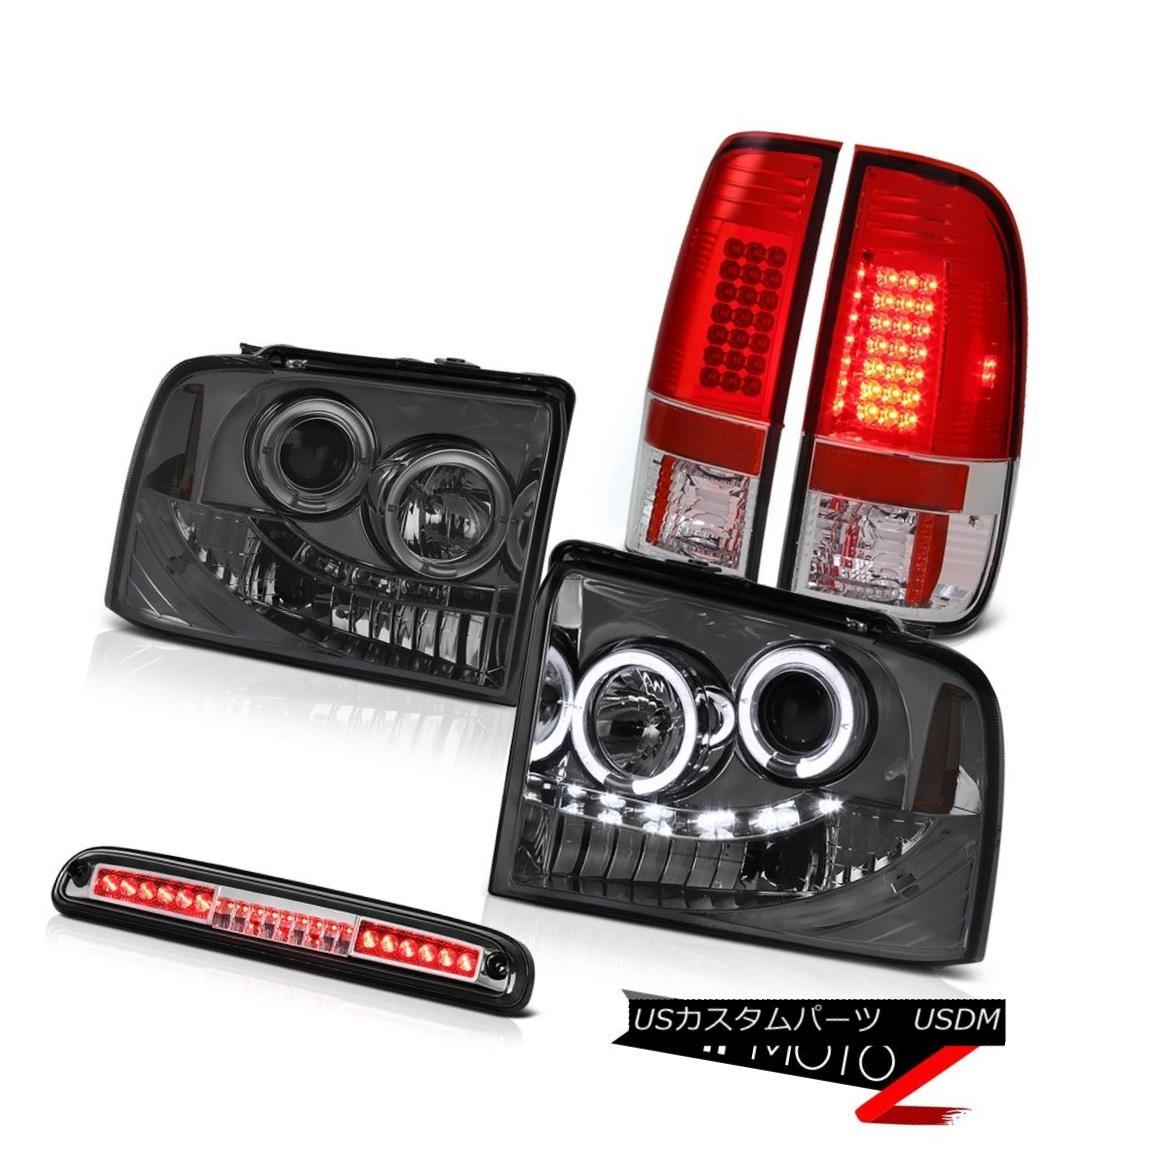 テールライト Angel Eye Headlight Bright L.E.D Taillamp Roof Stop LED Clear 05 06 07 F250 6.0L 天使の目のヘッドライト明るいL.E.D TaillampルーフストップLEDクリア05 06 07 F250 6.0L